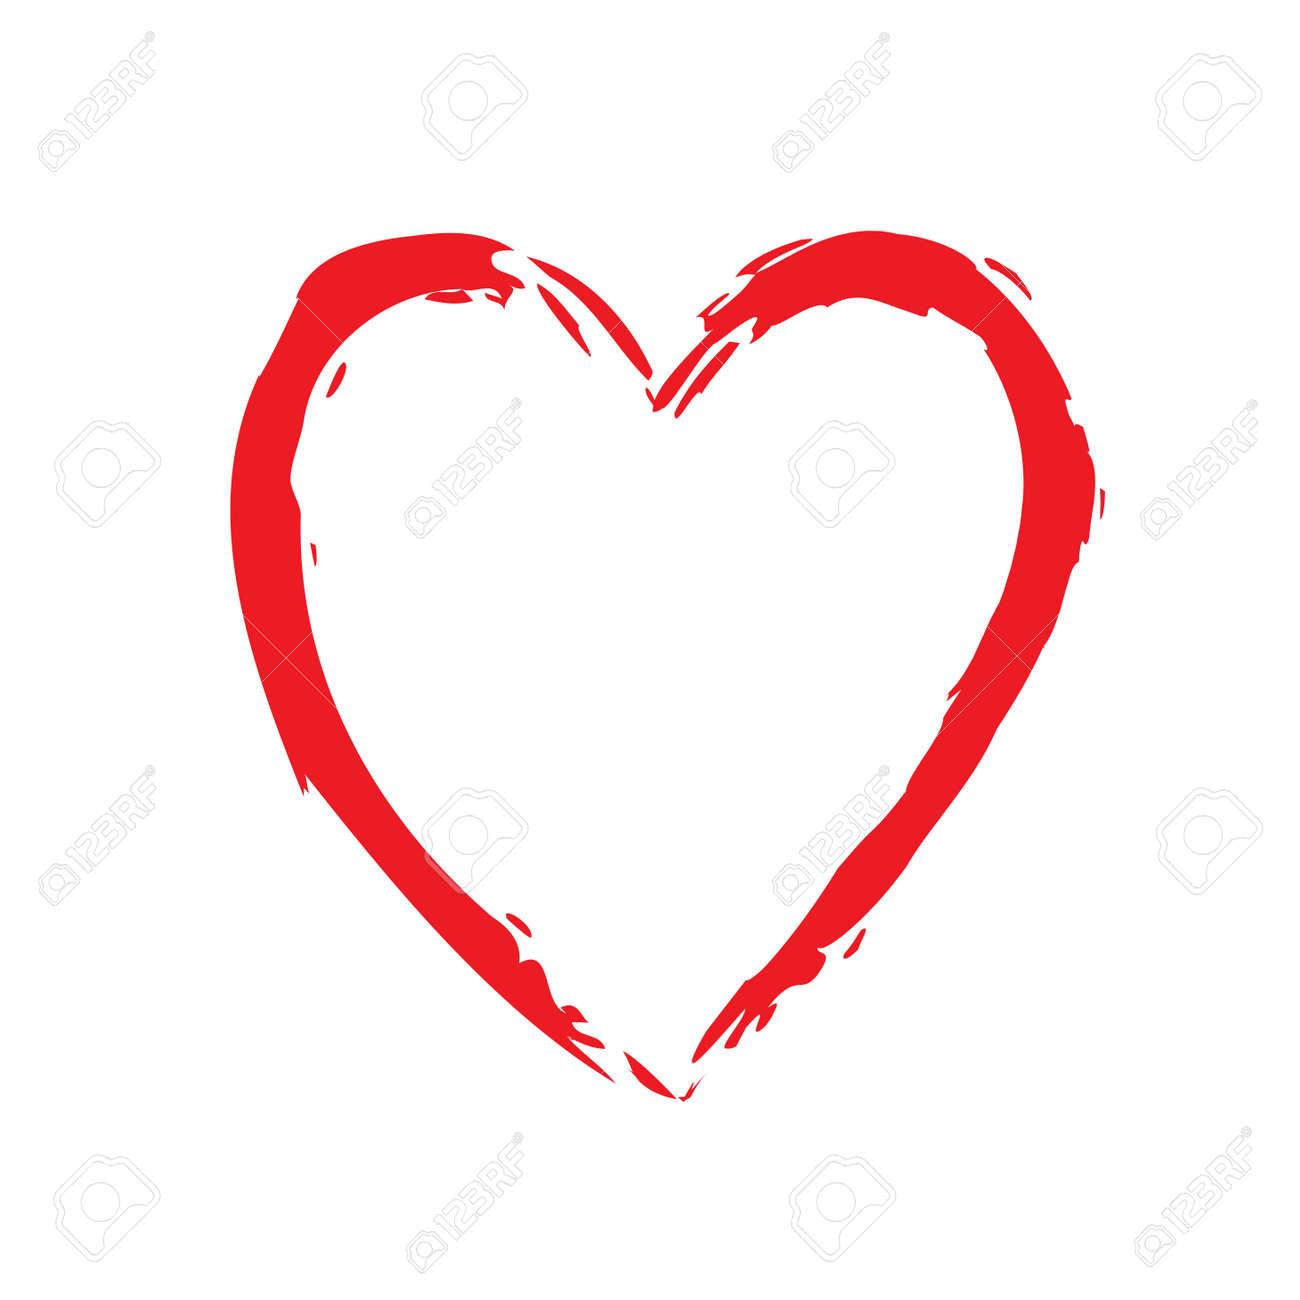 Icone Brillante De Coeur Rouge Signe De Forme Brosse De Dessin